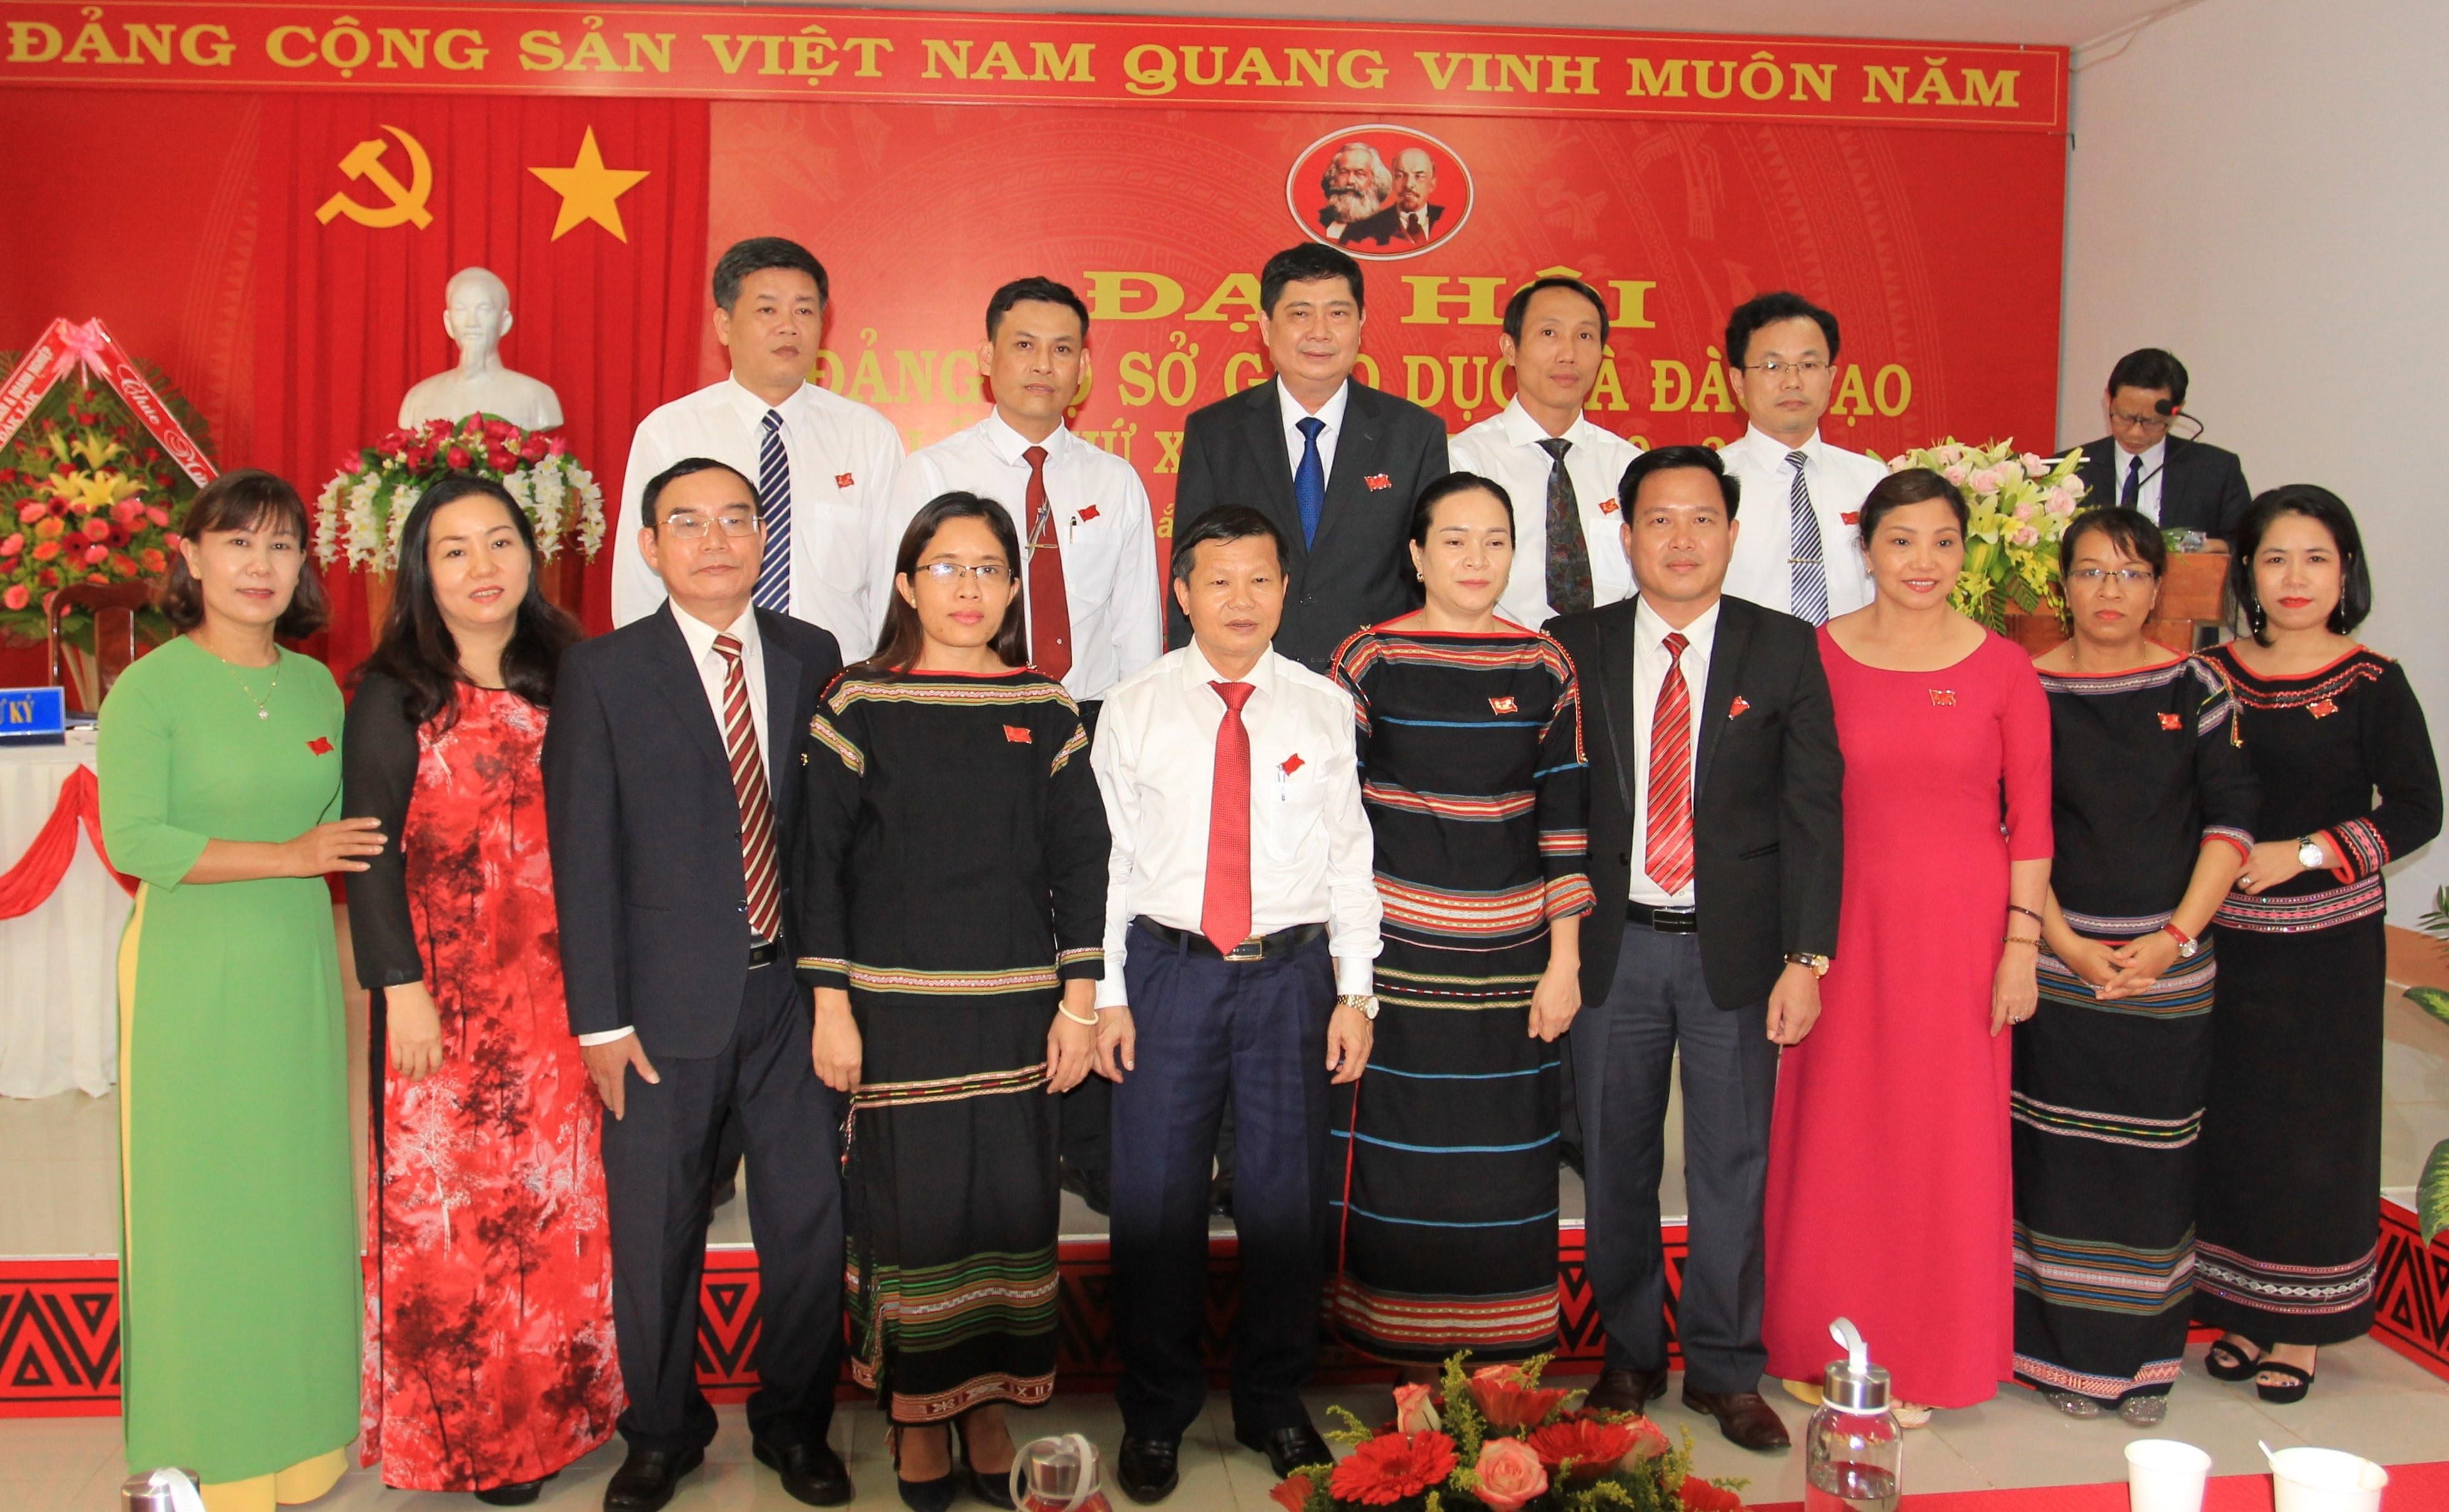 Đại hội Đảng bộ Sở Giáo dục và Đào tạo lần thứ XV, nhiệm kỳ 2020 – 2025